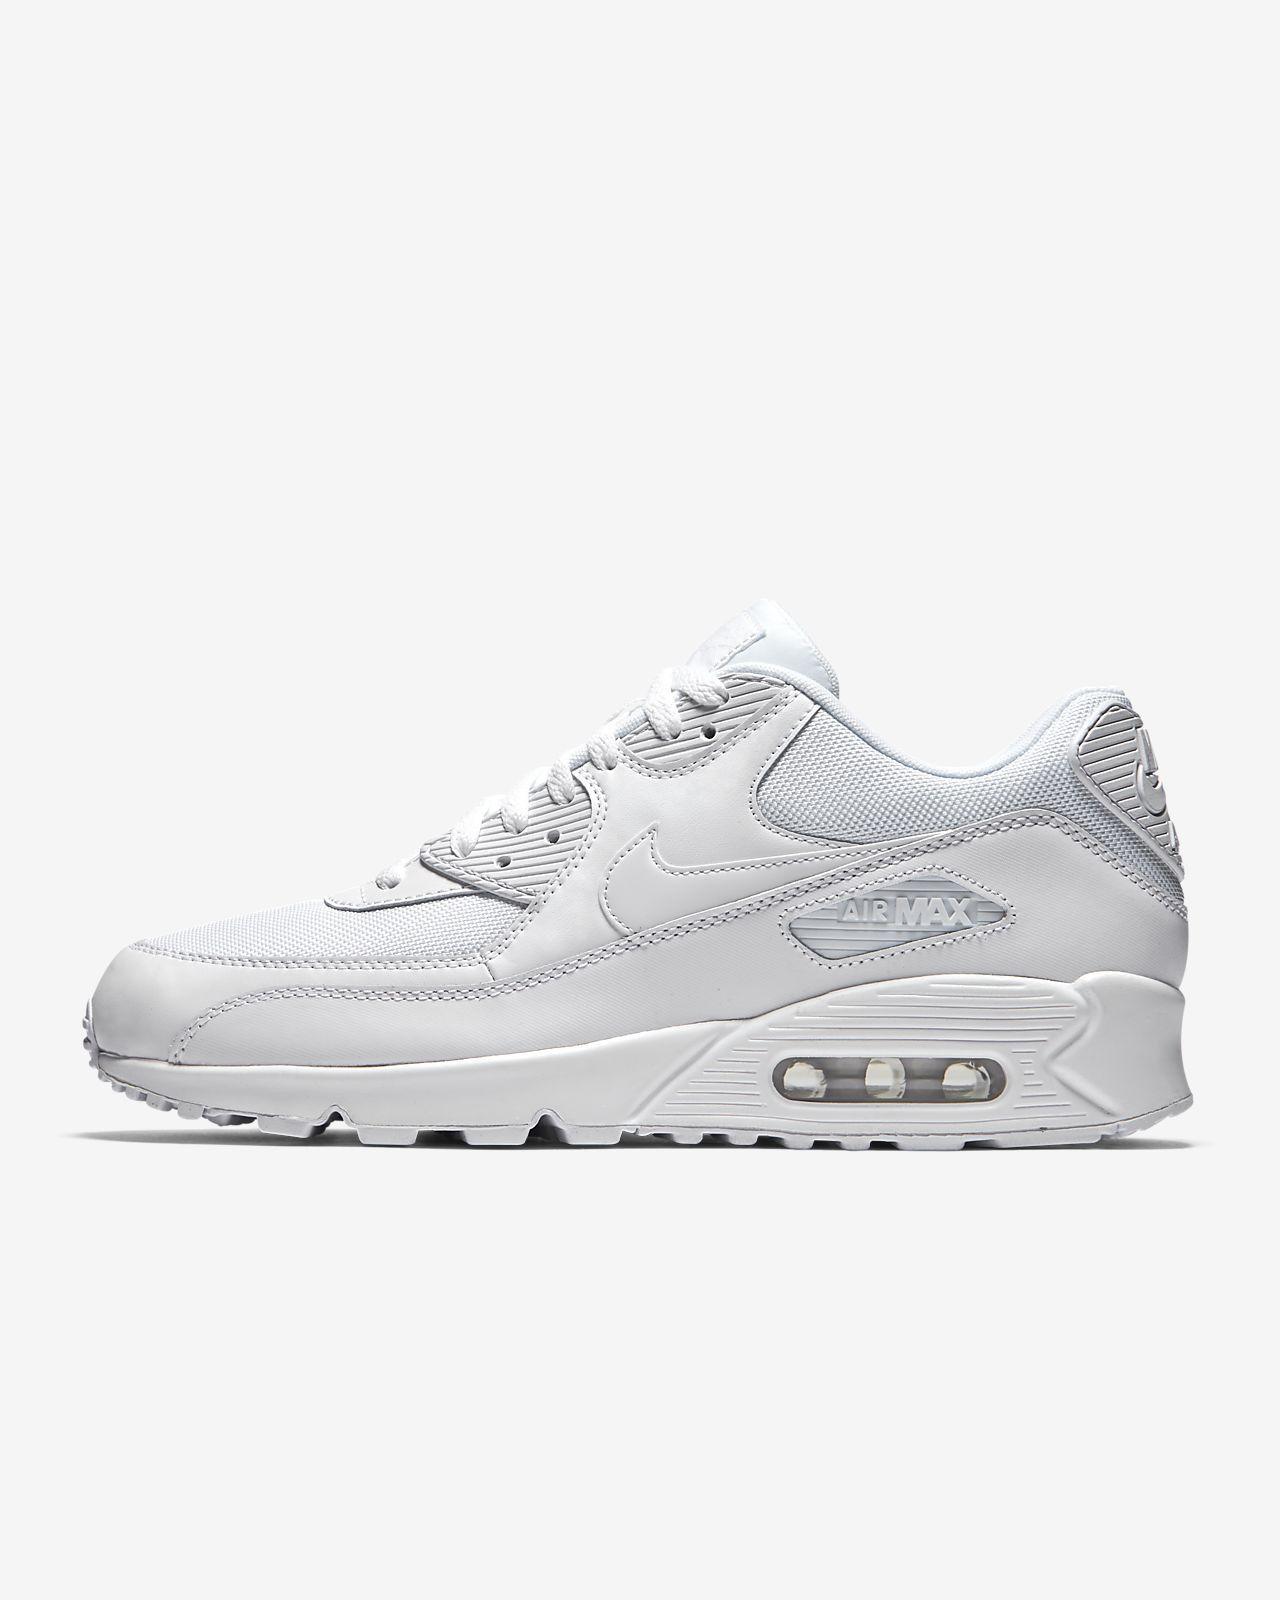 AJ1285 012 NIKE Mens Nike Air Max 90 Essential TRAINERS